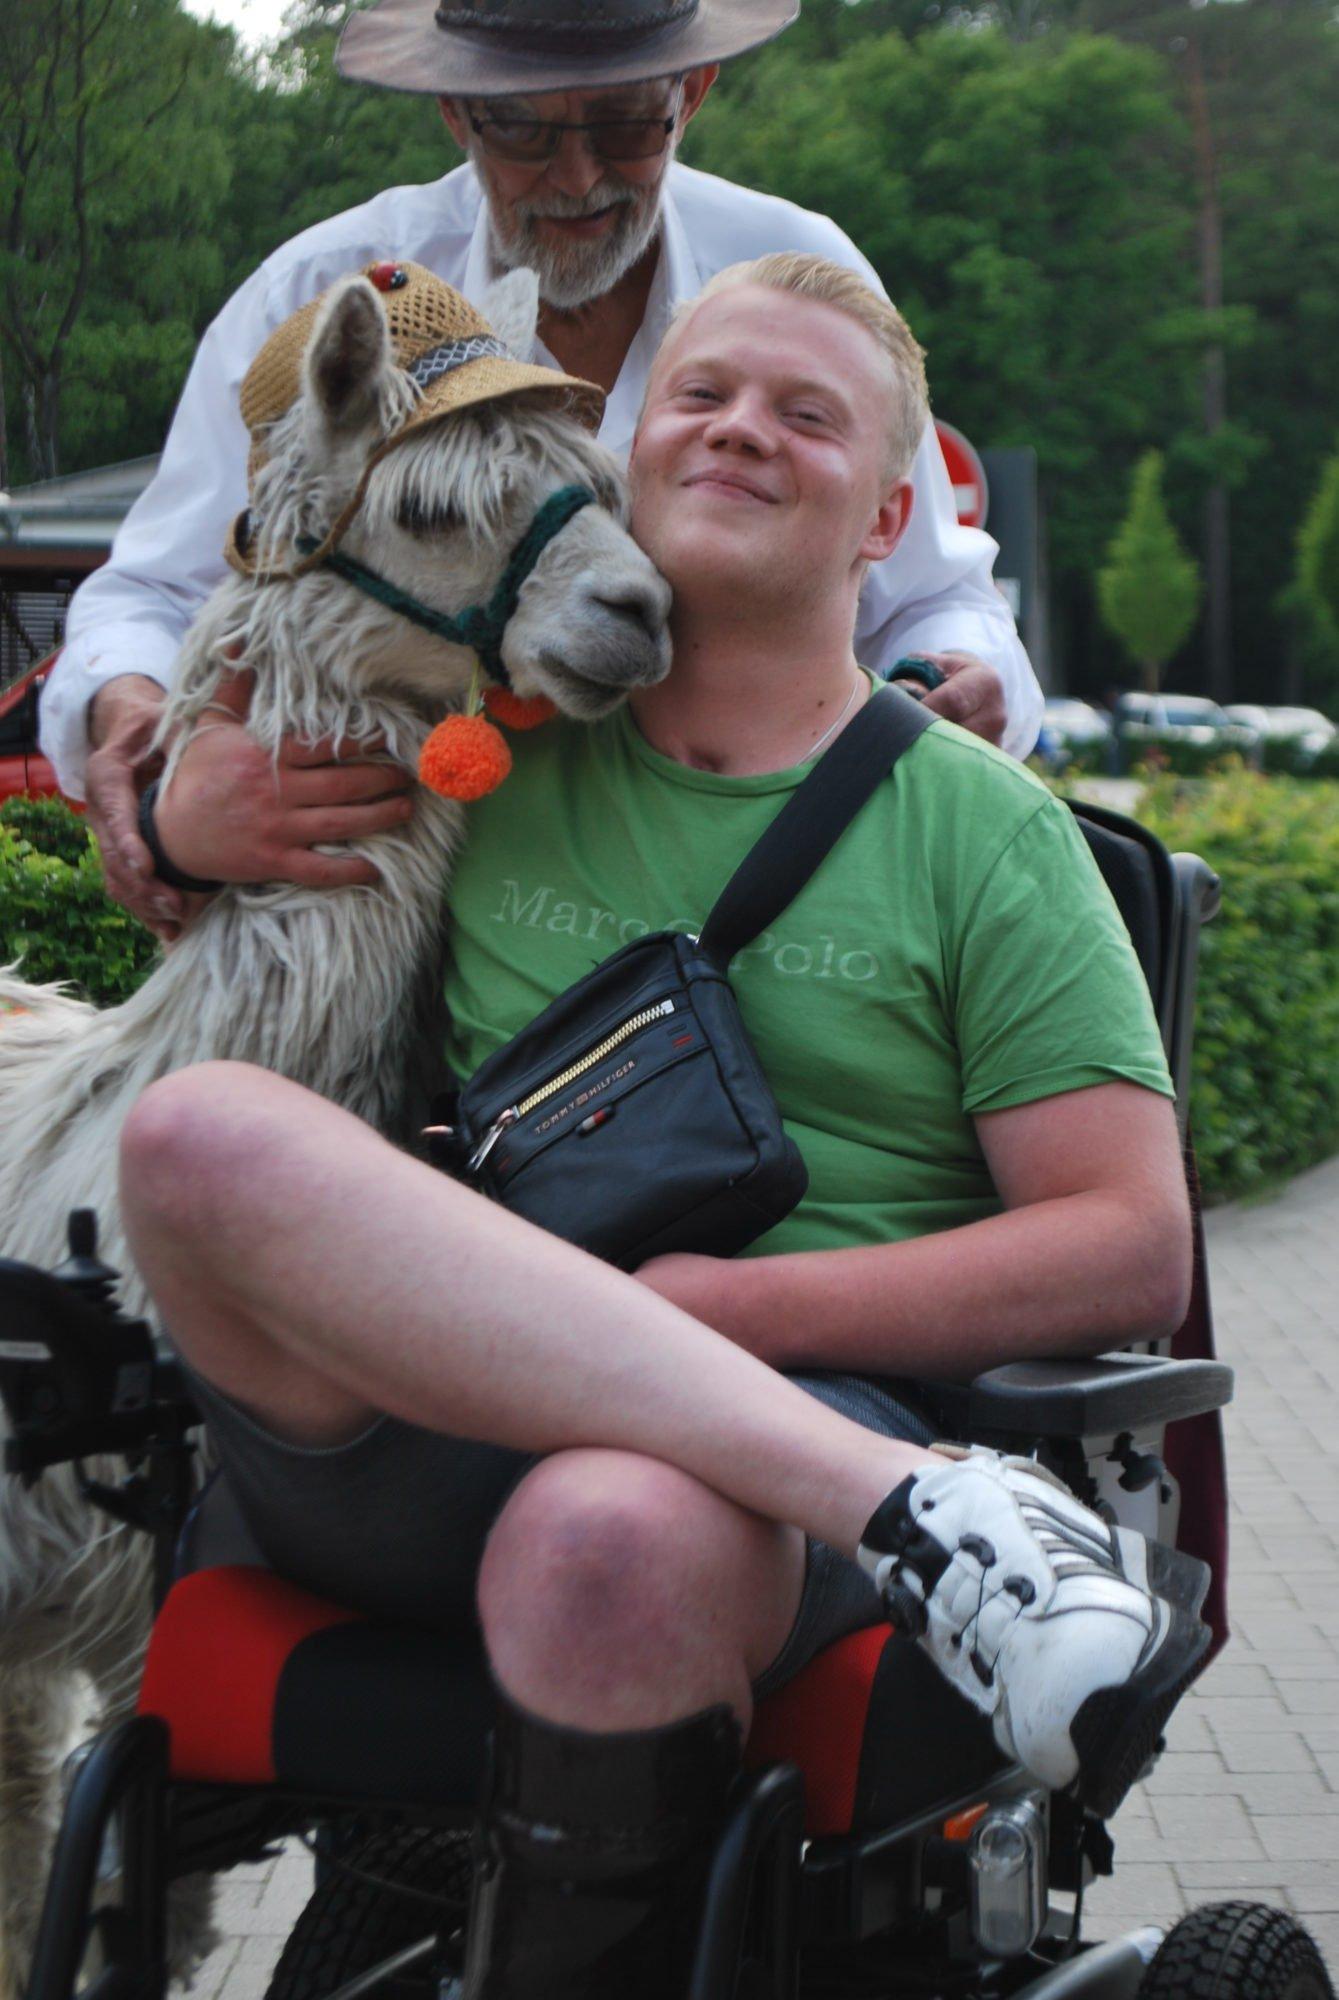 Ein Rehabilitand im Rollstuhl lässt sich mit dem Alpaka fotografieren.